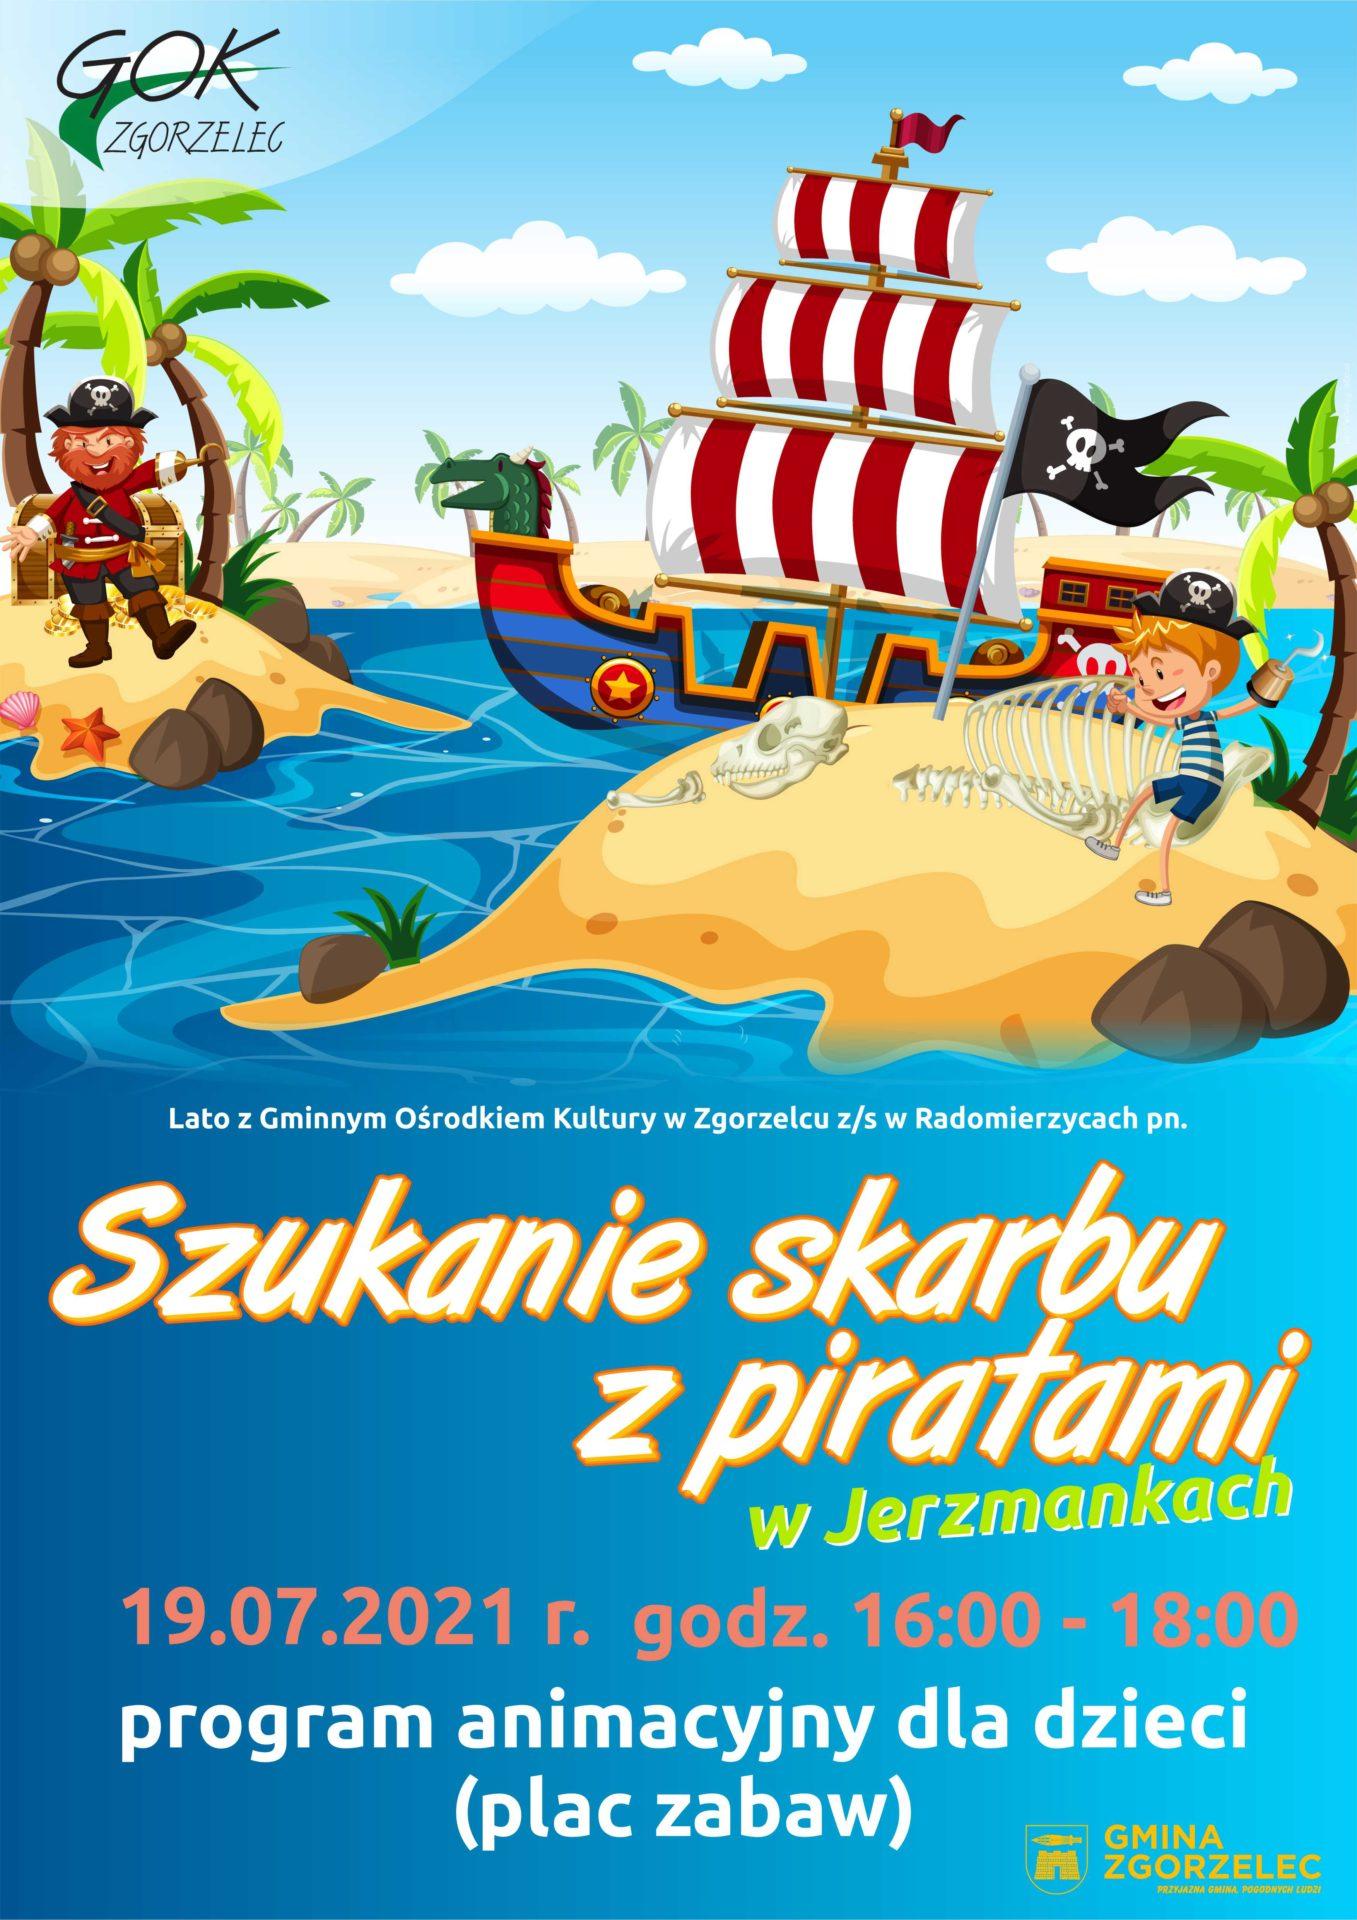 Szukanie skarbów z piratami w Jerzmankach